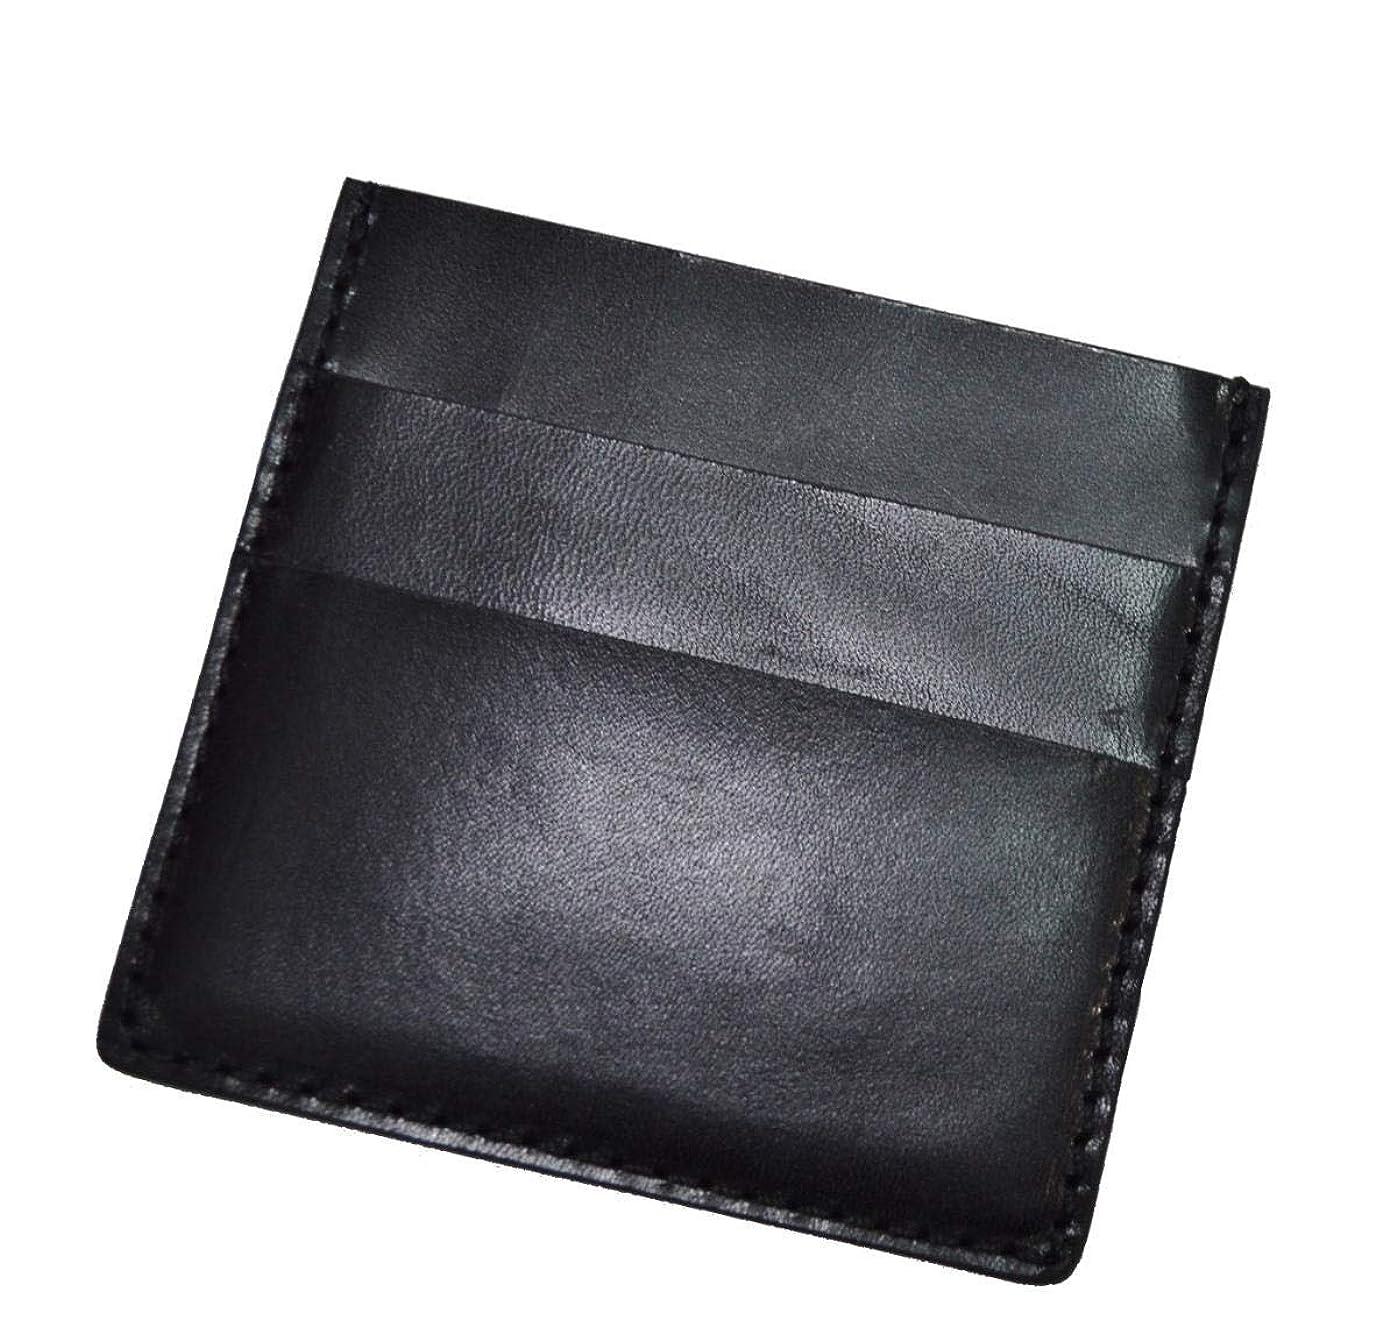 ギャロップしかしながら息切れ栃木レザー コンパクトウォレット お札とカードだけ 黒色